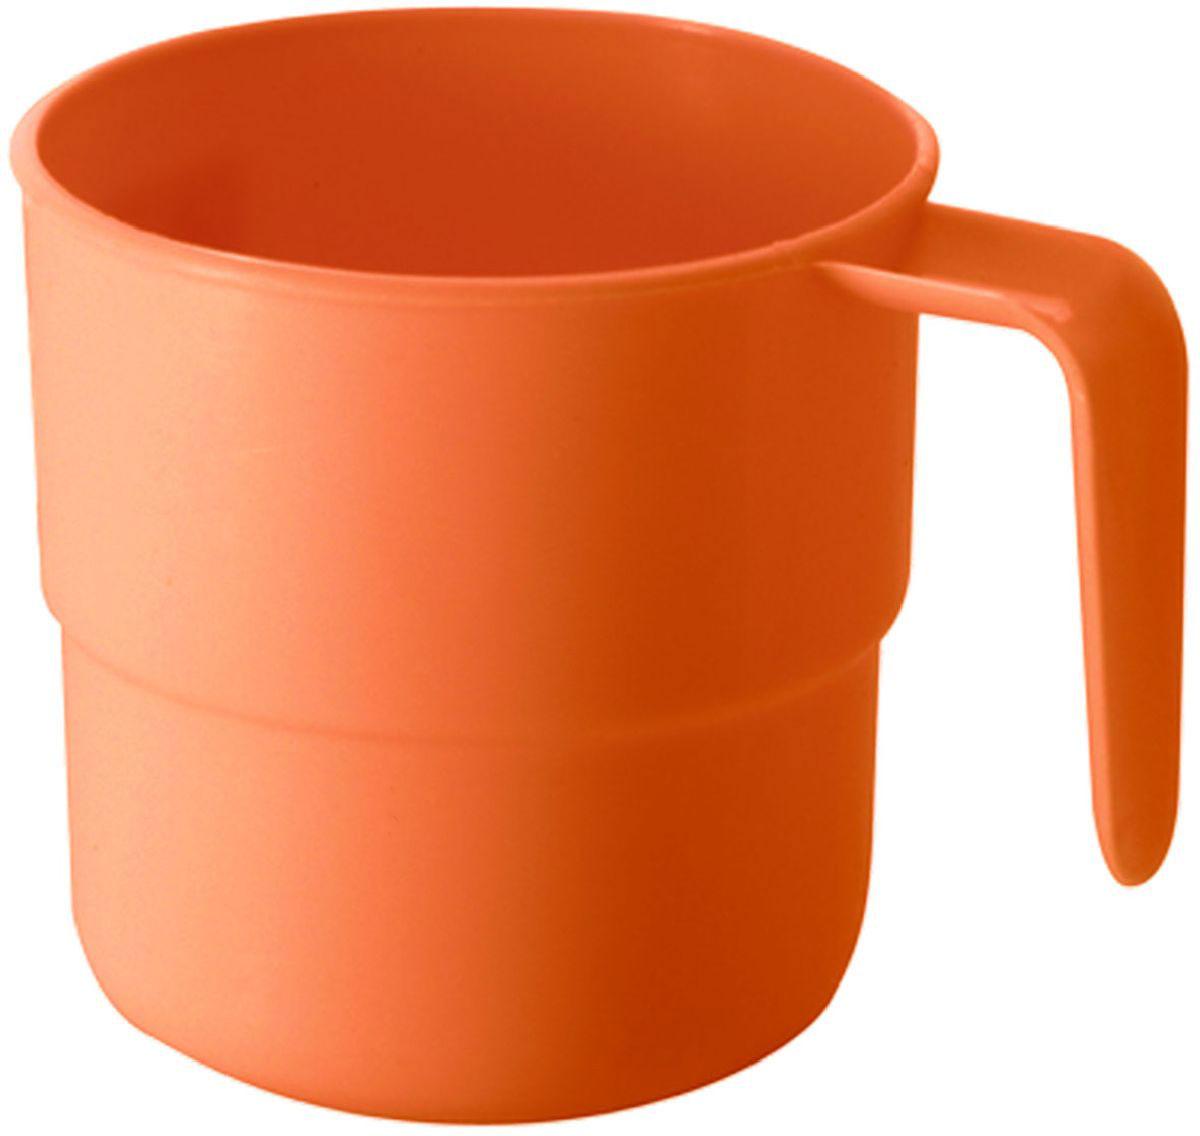 Кружка Plastic Centre, цвет: оранжевый, 250 мл54 009312Кружка кемпинговая прекрасно подойдет для дачи, пикника или поездки в поезде. Легкую кружку удобно взять с собой на природу. Прочный пластик подходит для многократного использования.Объем кружки: 250 мл.Размер кружки: 10,5 х 8 см.